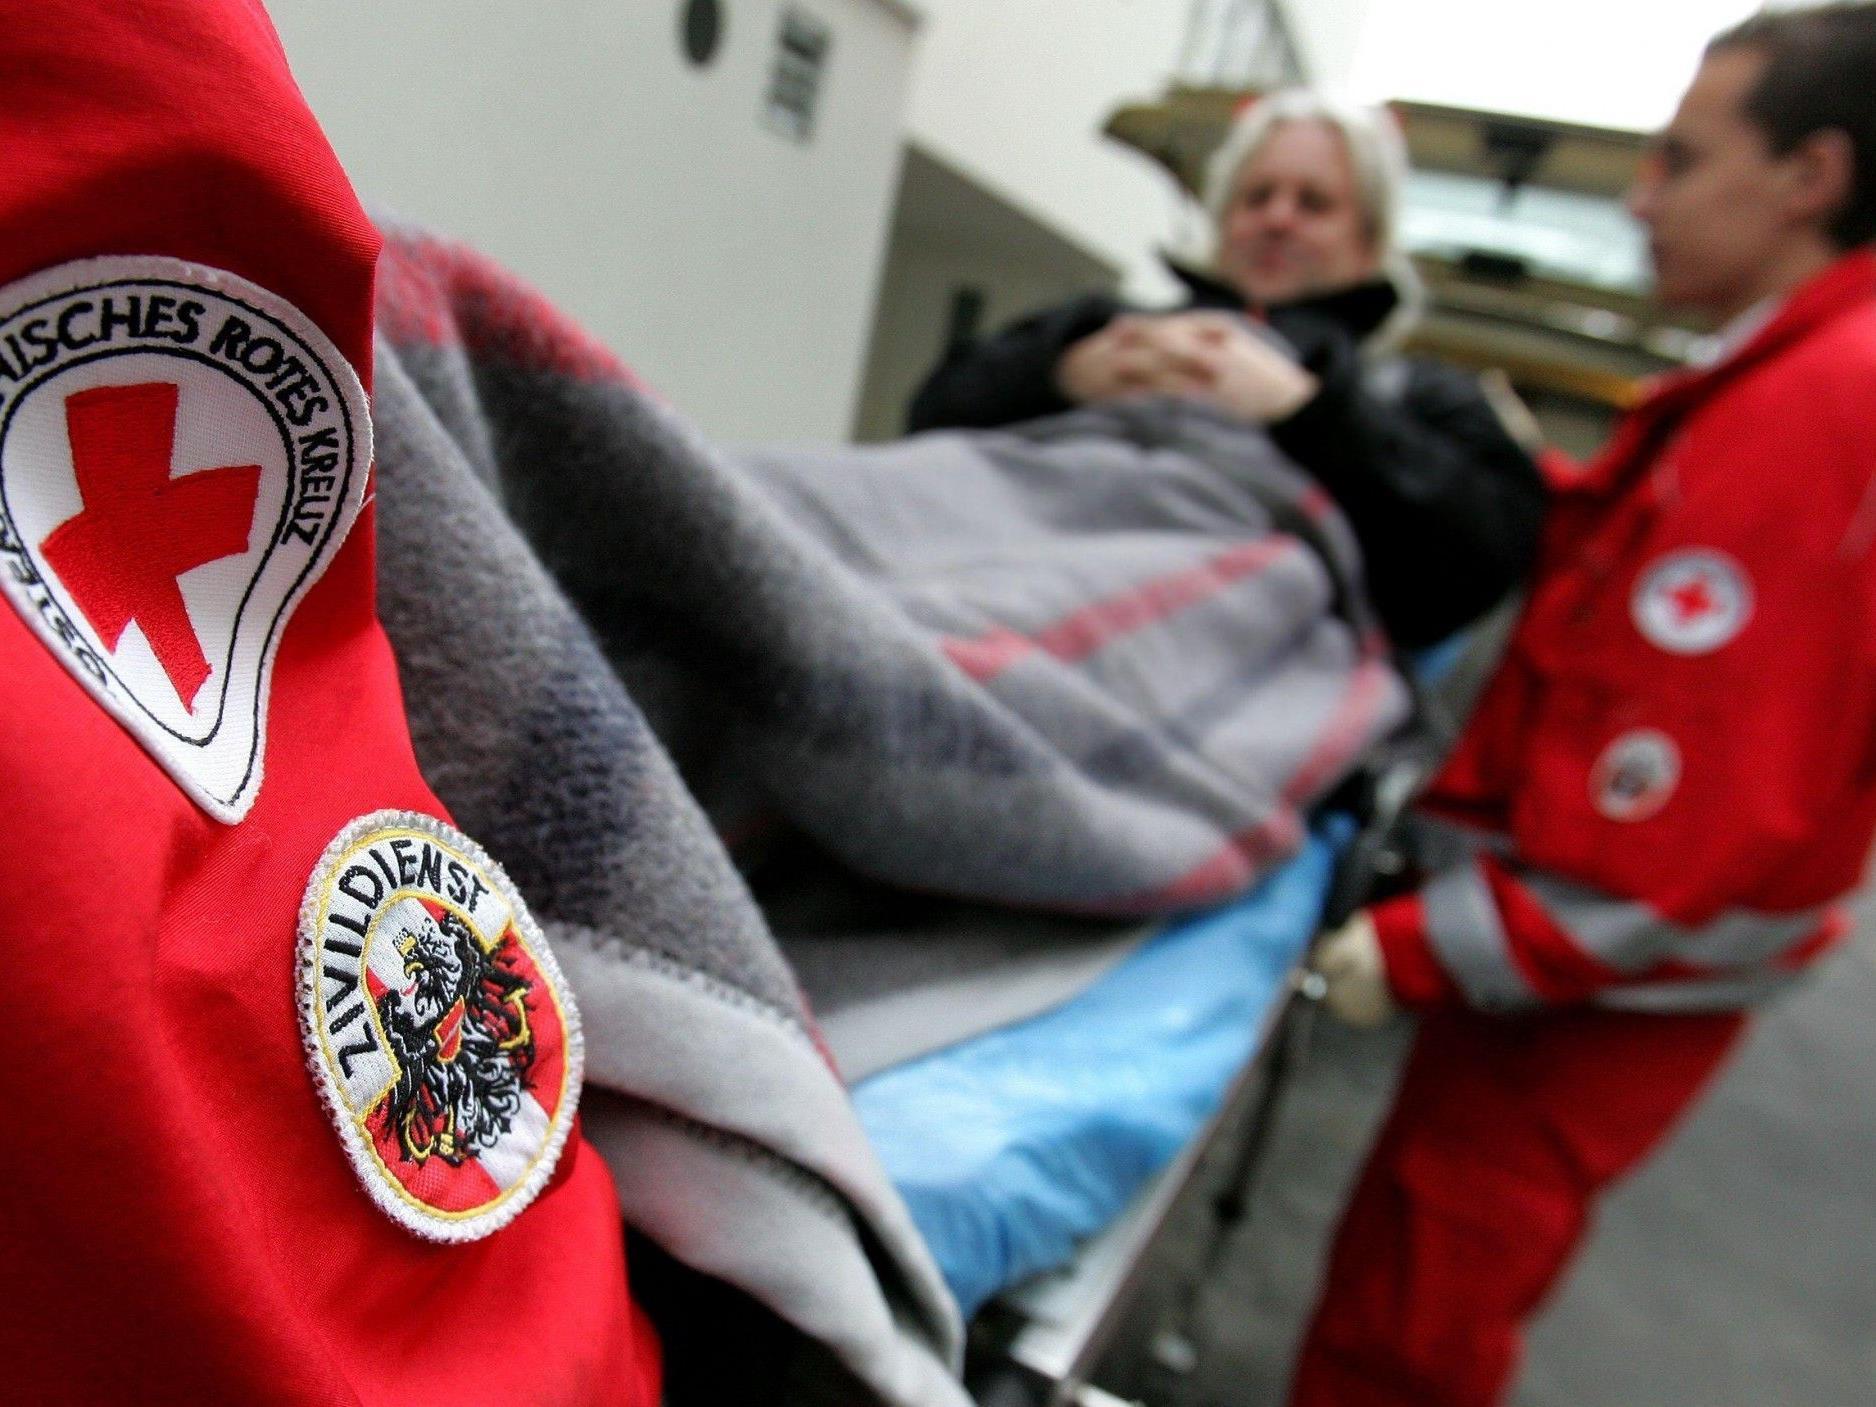 Ohne Zivildiener müssten Patienten auf Krankentransporte länger warten.